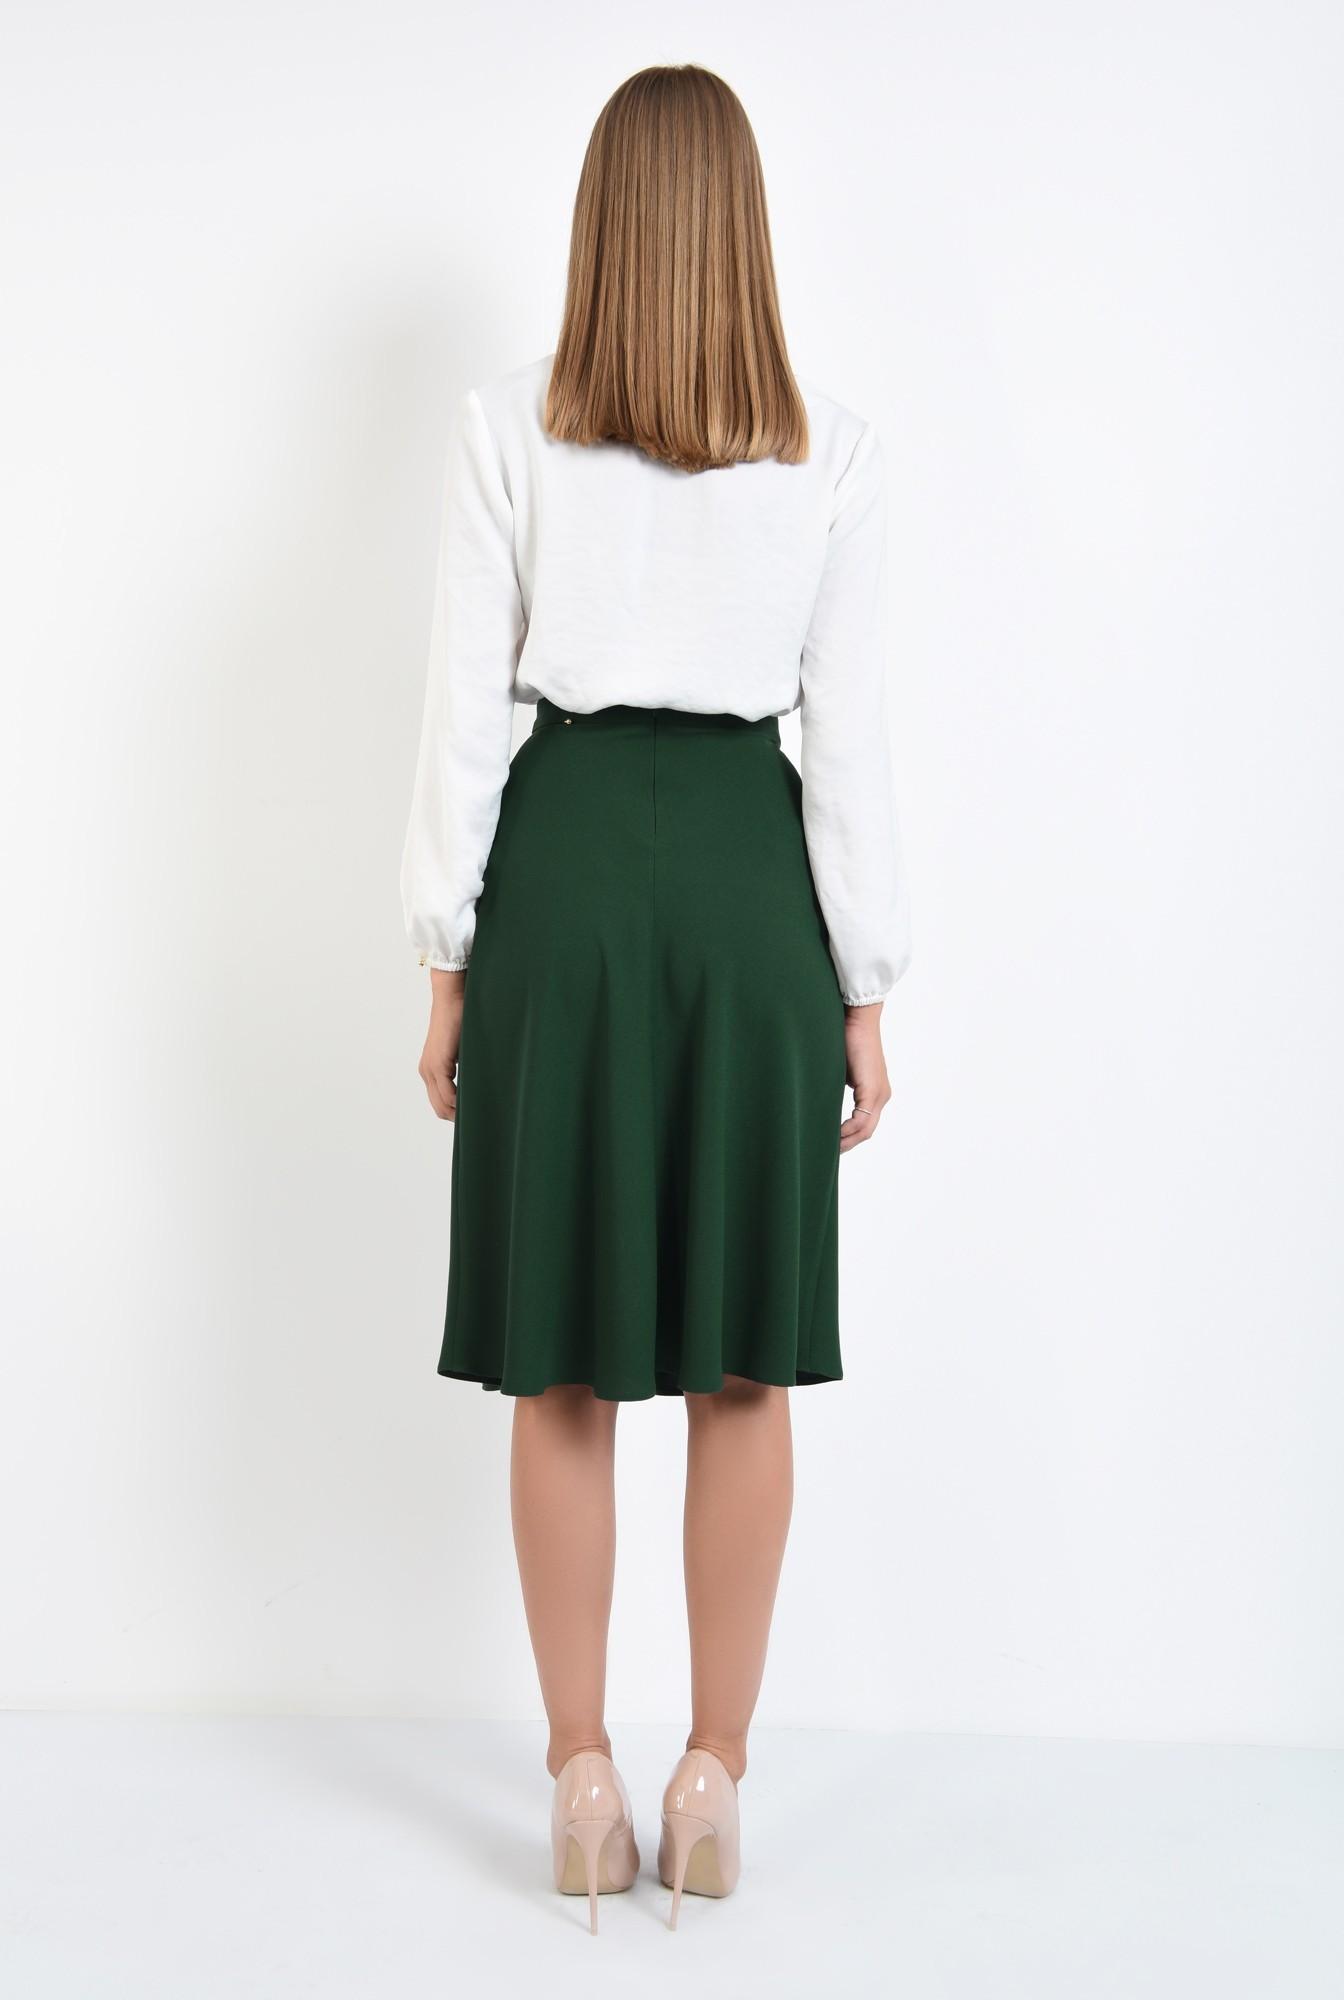 1 - fusta casual, evazata, verde, talie inalta